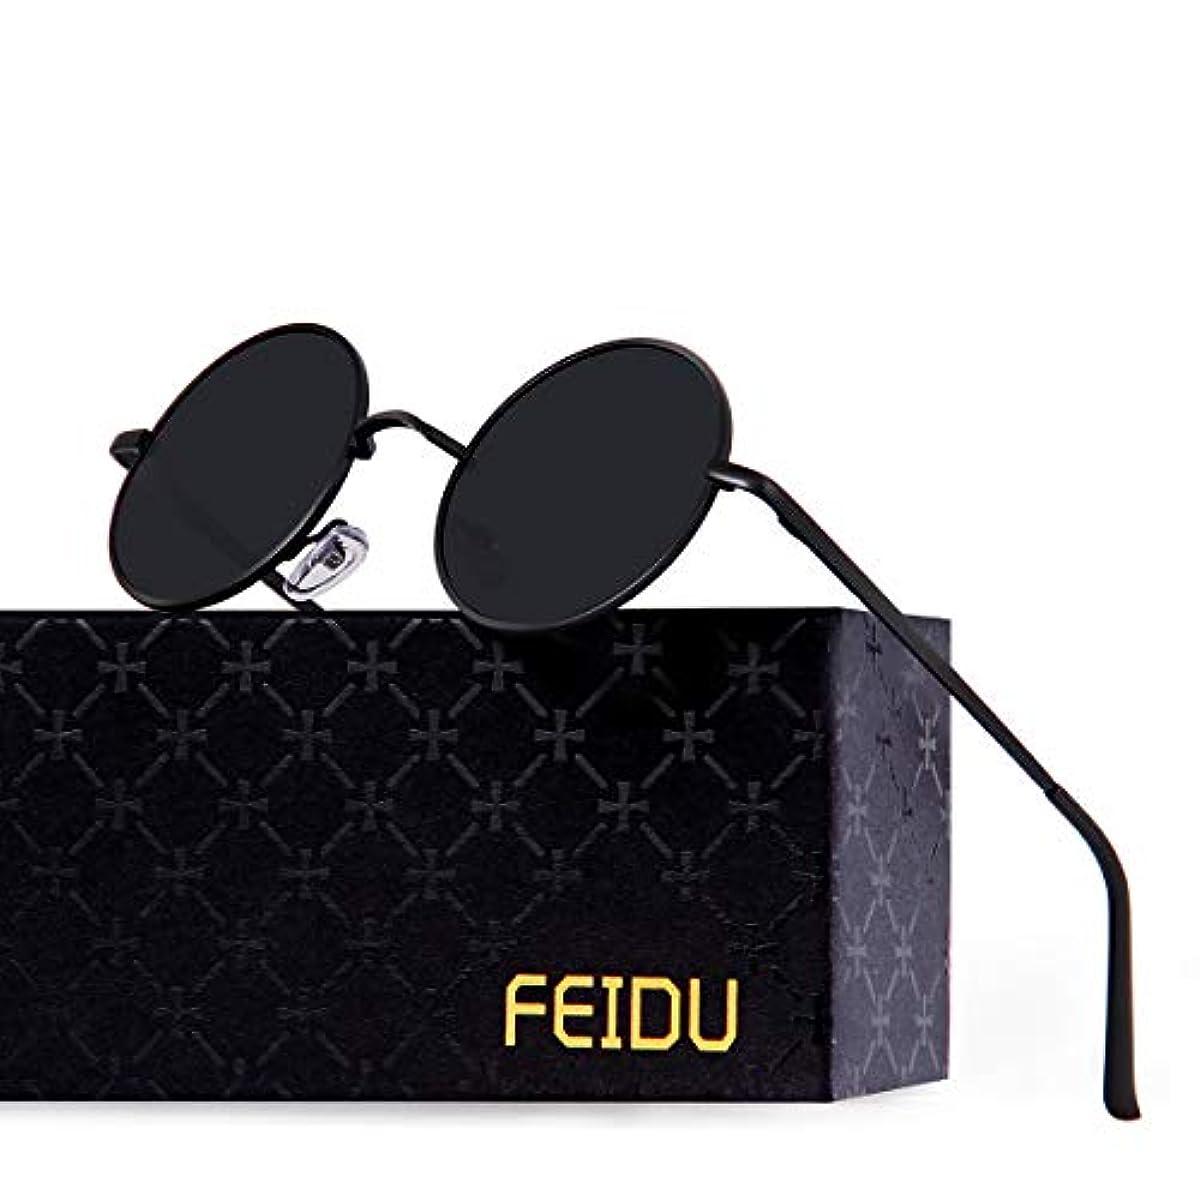 [해외] FEIDU-썬글라스 동그라미-썬글라스 맨즈 레이디스 편광 썬글라스FD3013